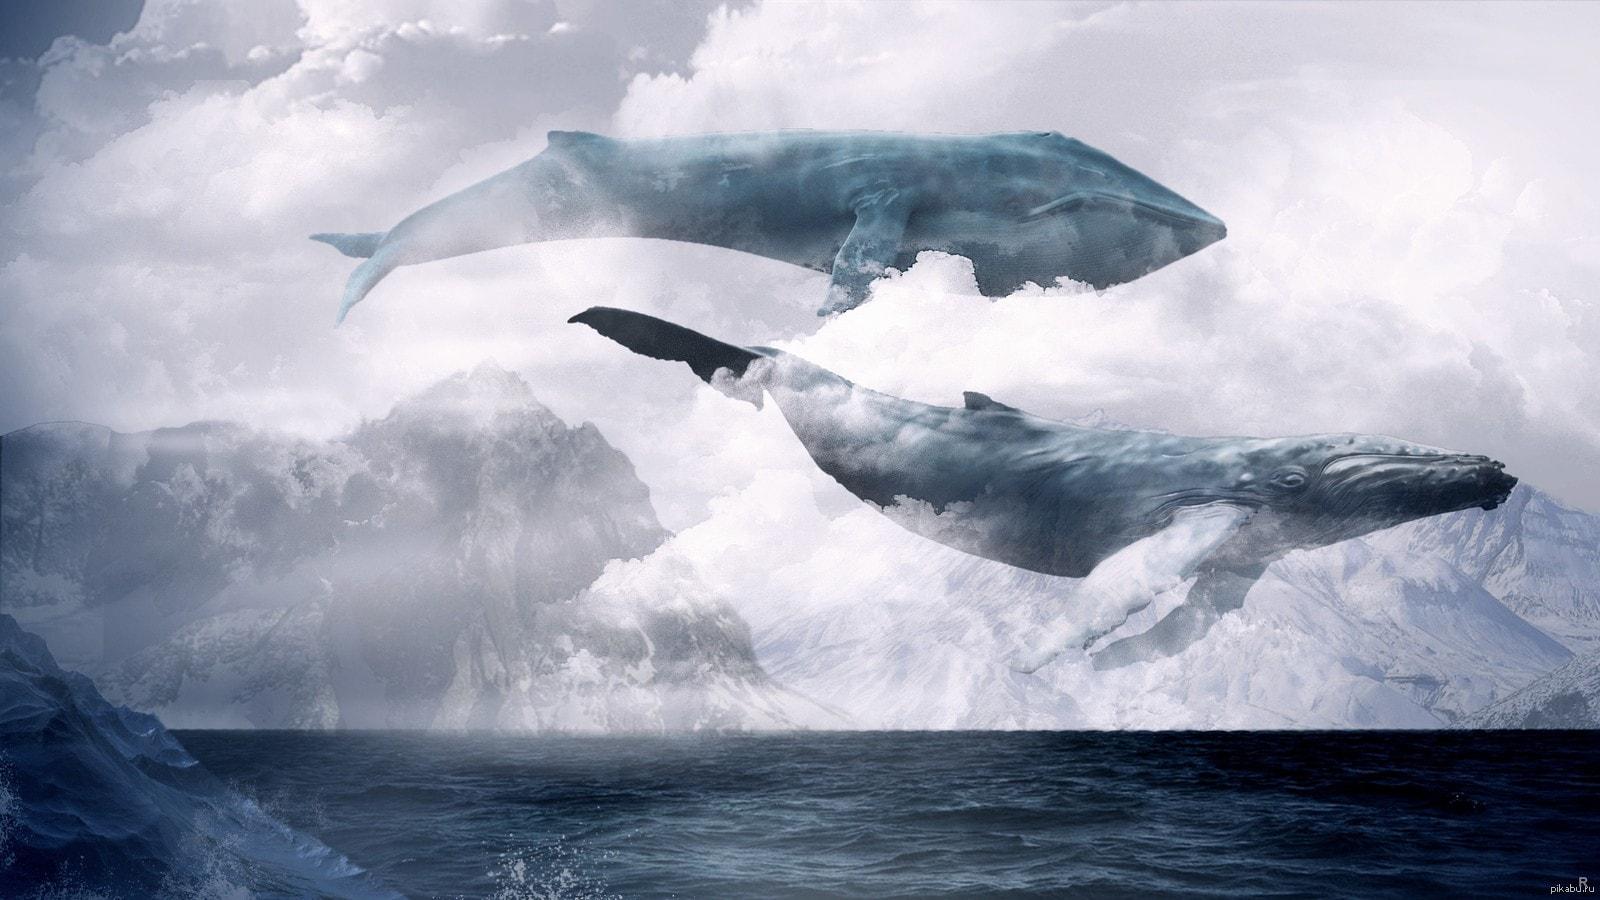 изображение киты в небе фото конце